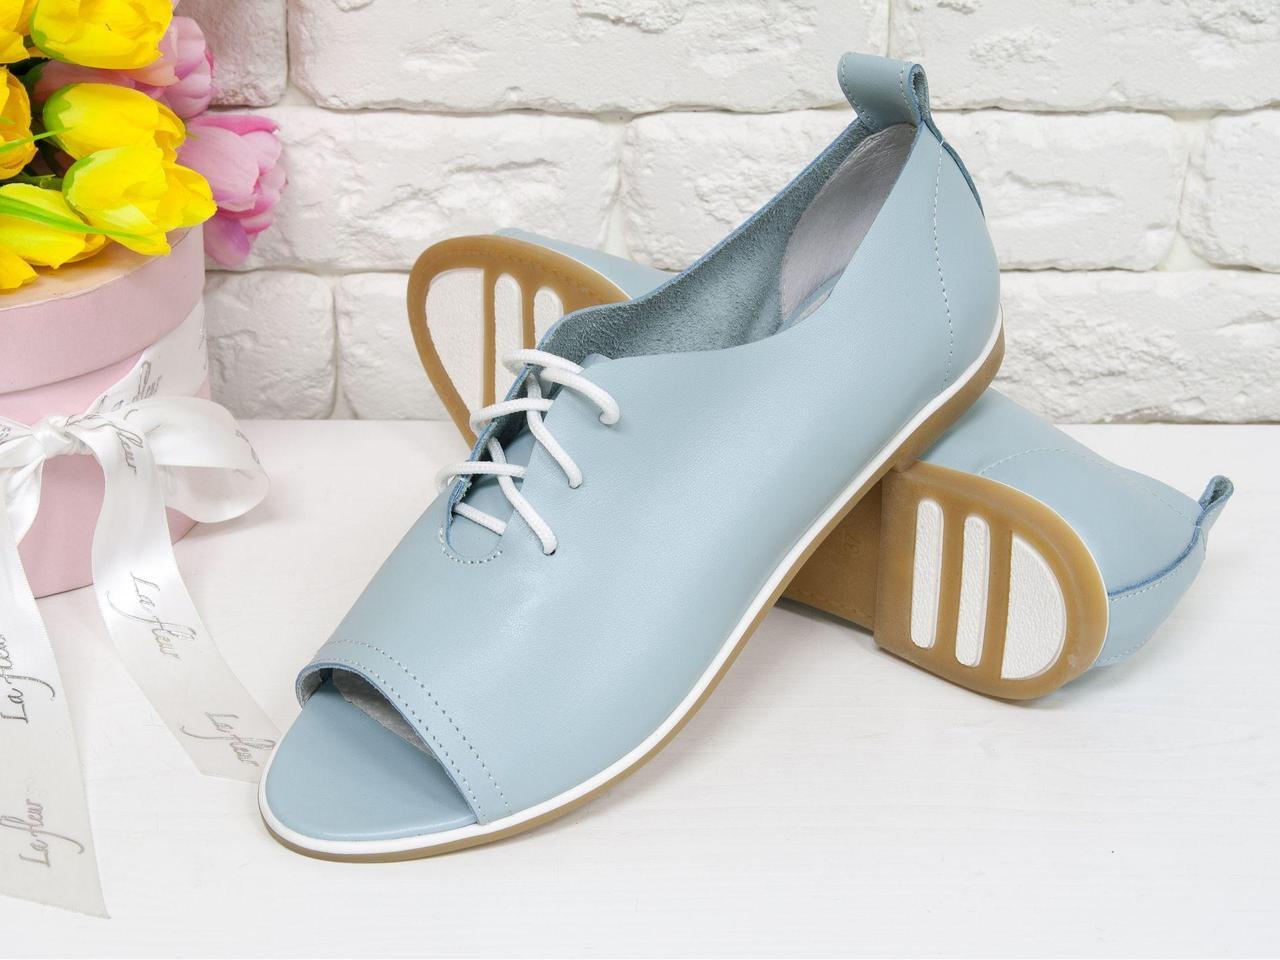 Невероятно легкие туфли с открытым носиком из натуральной матовой кожи нежно голубого цвета на светлой